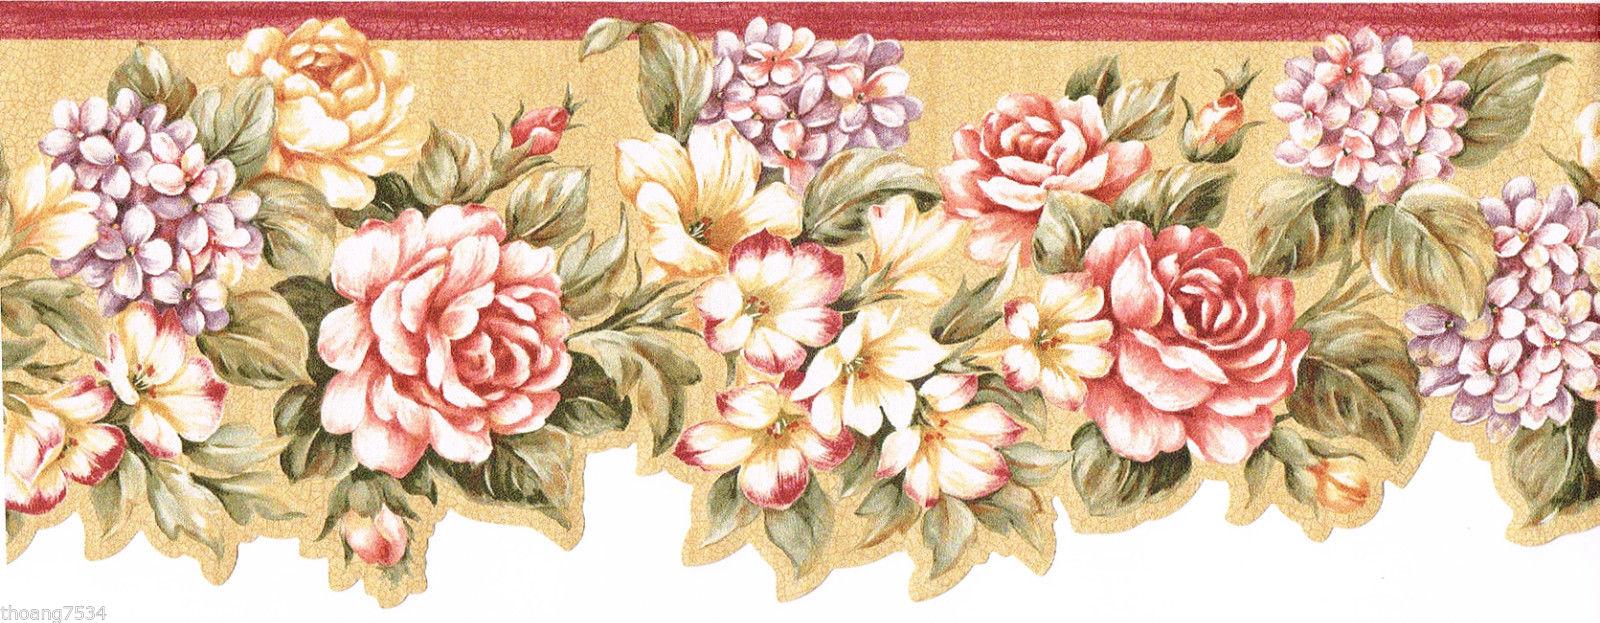 Red Burgundy Lavender Flower Floral Rose Laser Cut Wall paper Border 1600x623